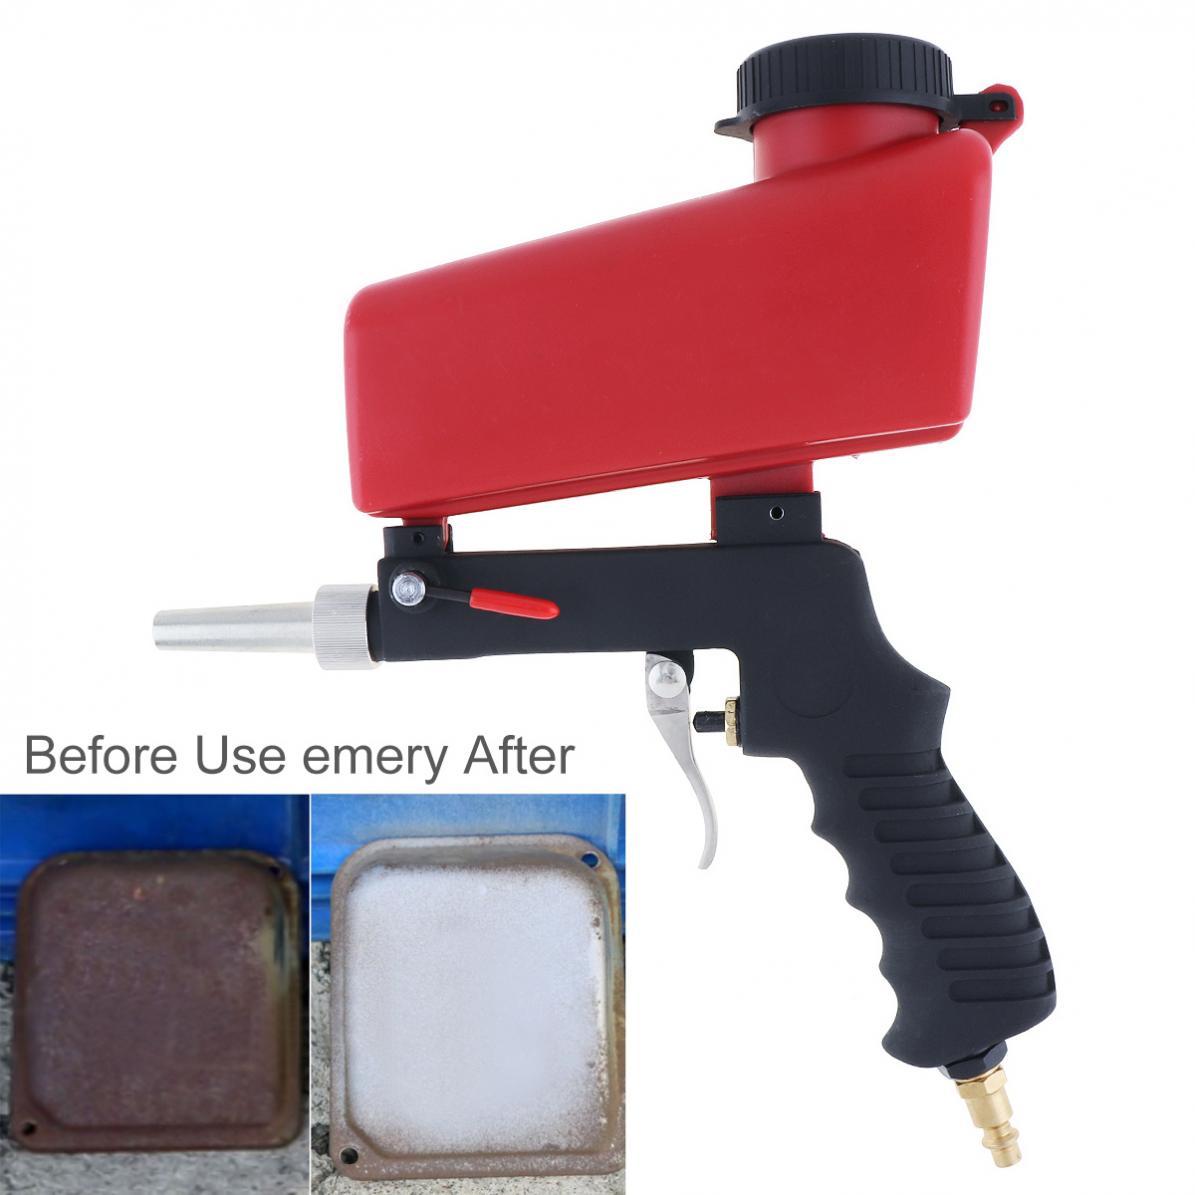 Pistolet de sablage pneumatique portatif TORO pistolet de sablage avec interrupteur de réglage de débit et entrée d'air de 1/4